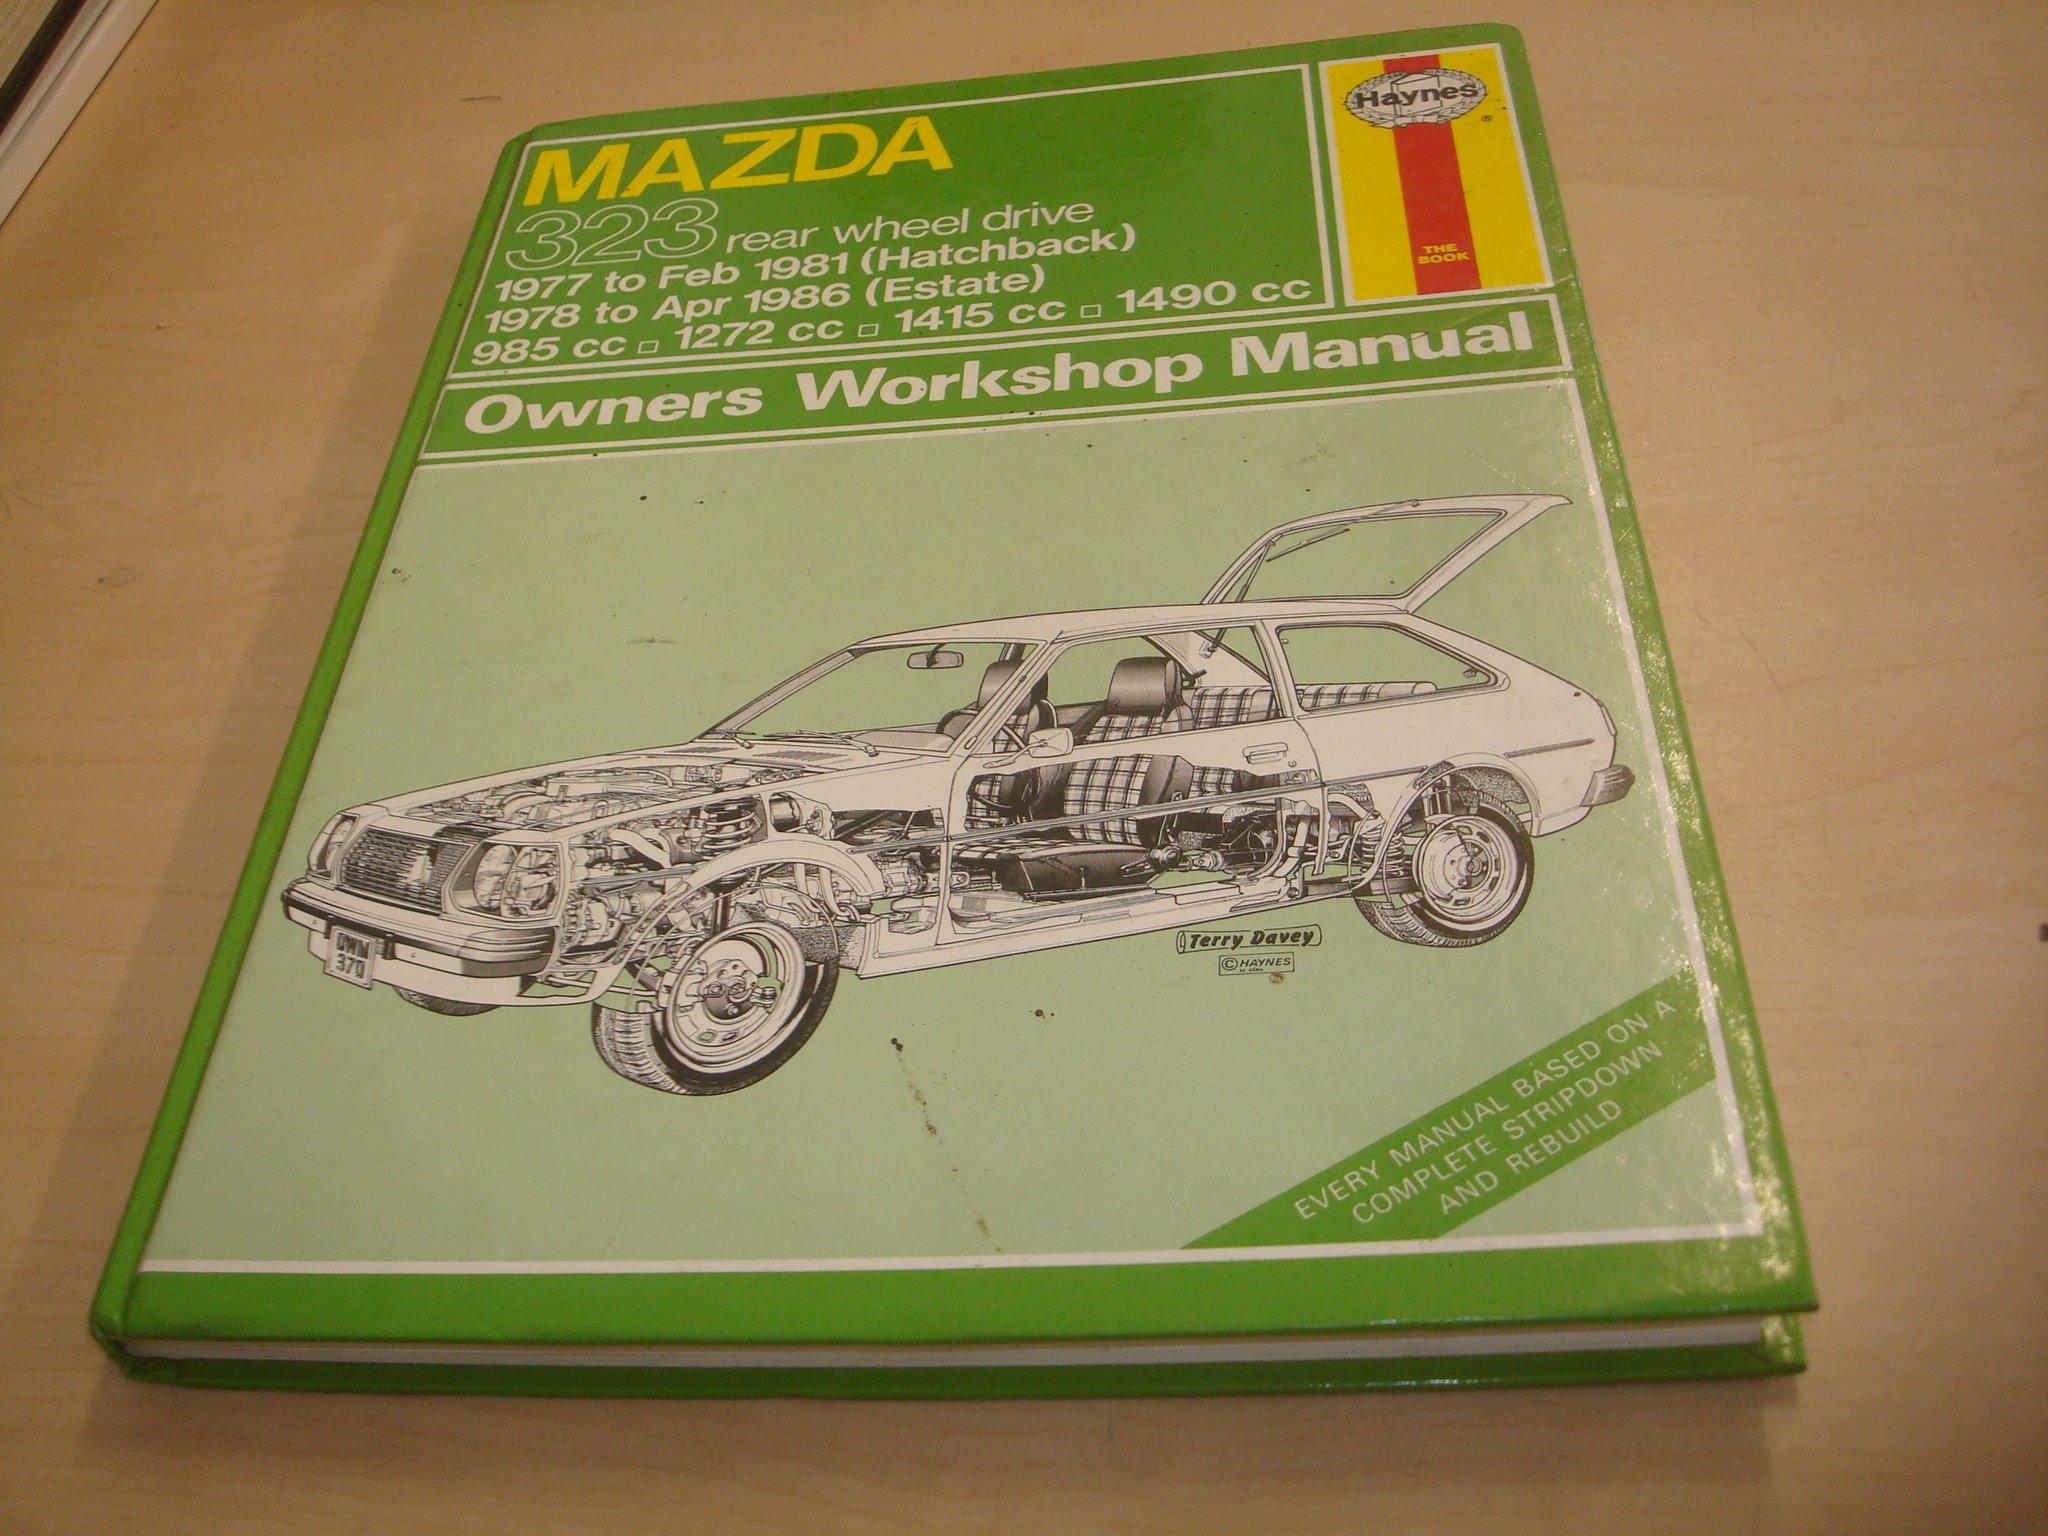 Mazda 323 1977-81 (Hatchback), 1978-86 (Estate) Owner's Workshop Manual ( Service & repair manuals): J. H. Haynes, Trevor G. Hosie: 9781850103141: ...